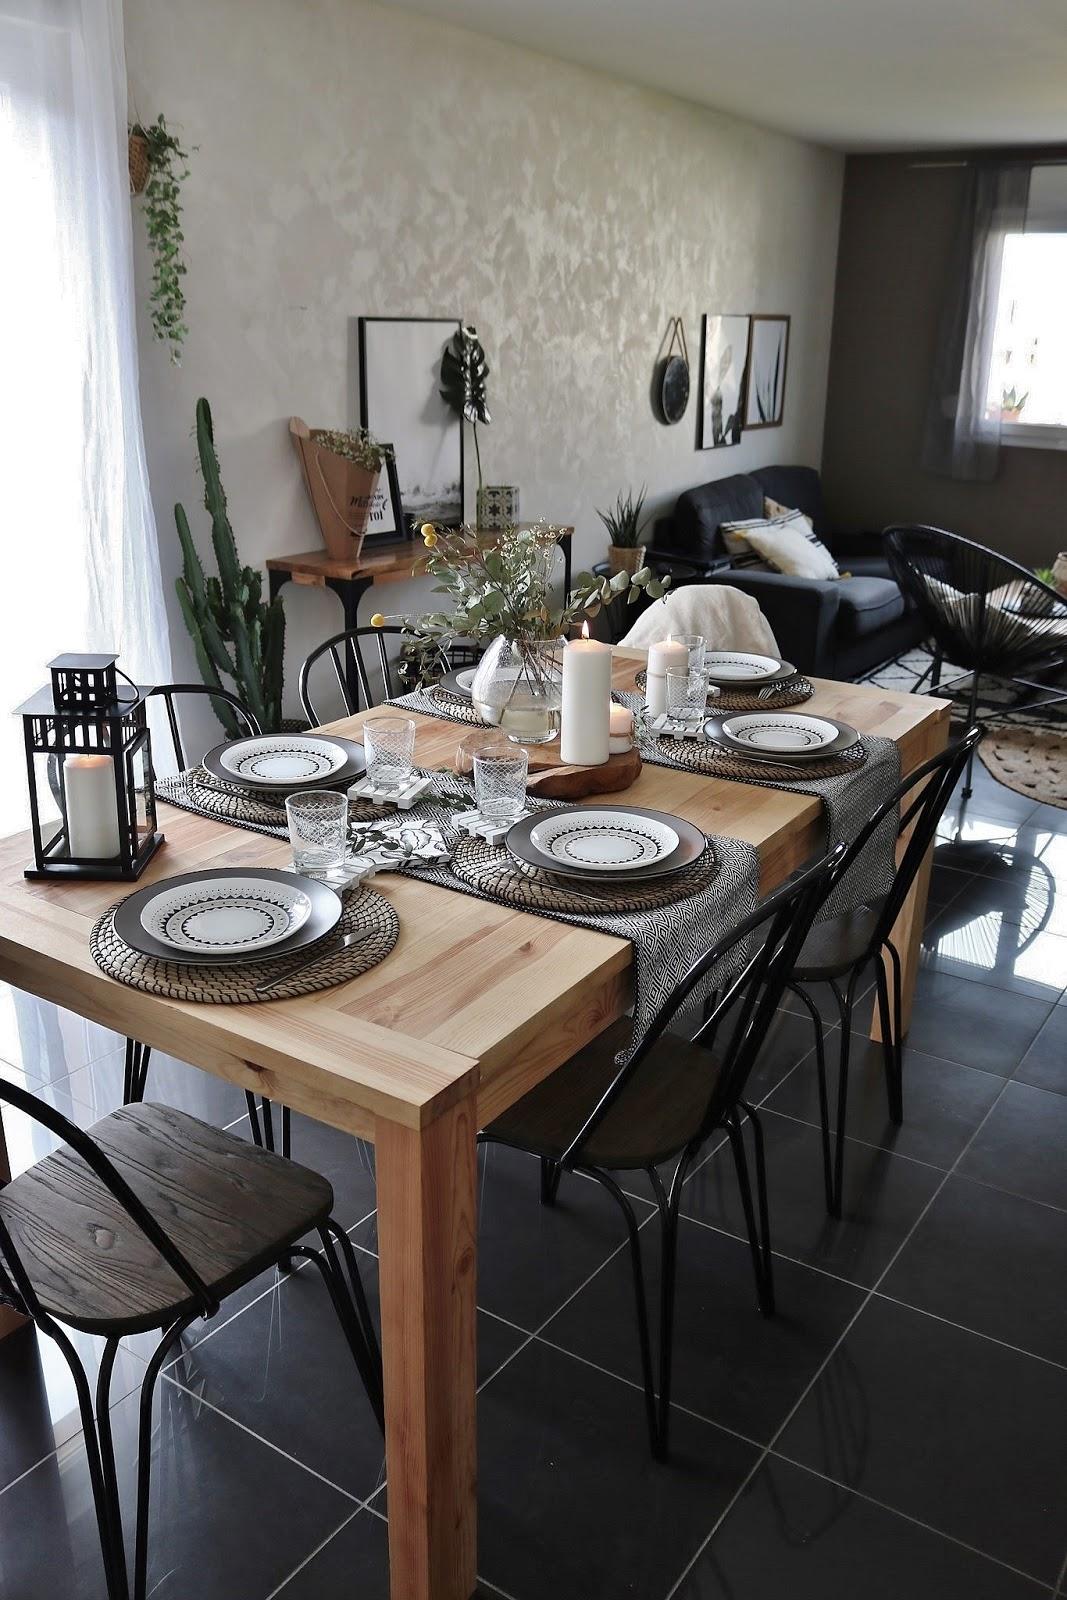 pauline-dress-blog-mode-deco-lifestyle-table-printemps-decoration-eucalyptus-tendance-2018-chemins-de-table-lanterne-boho-chic-boheme-vert-nature-plantes-besancon-fille